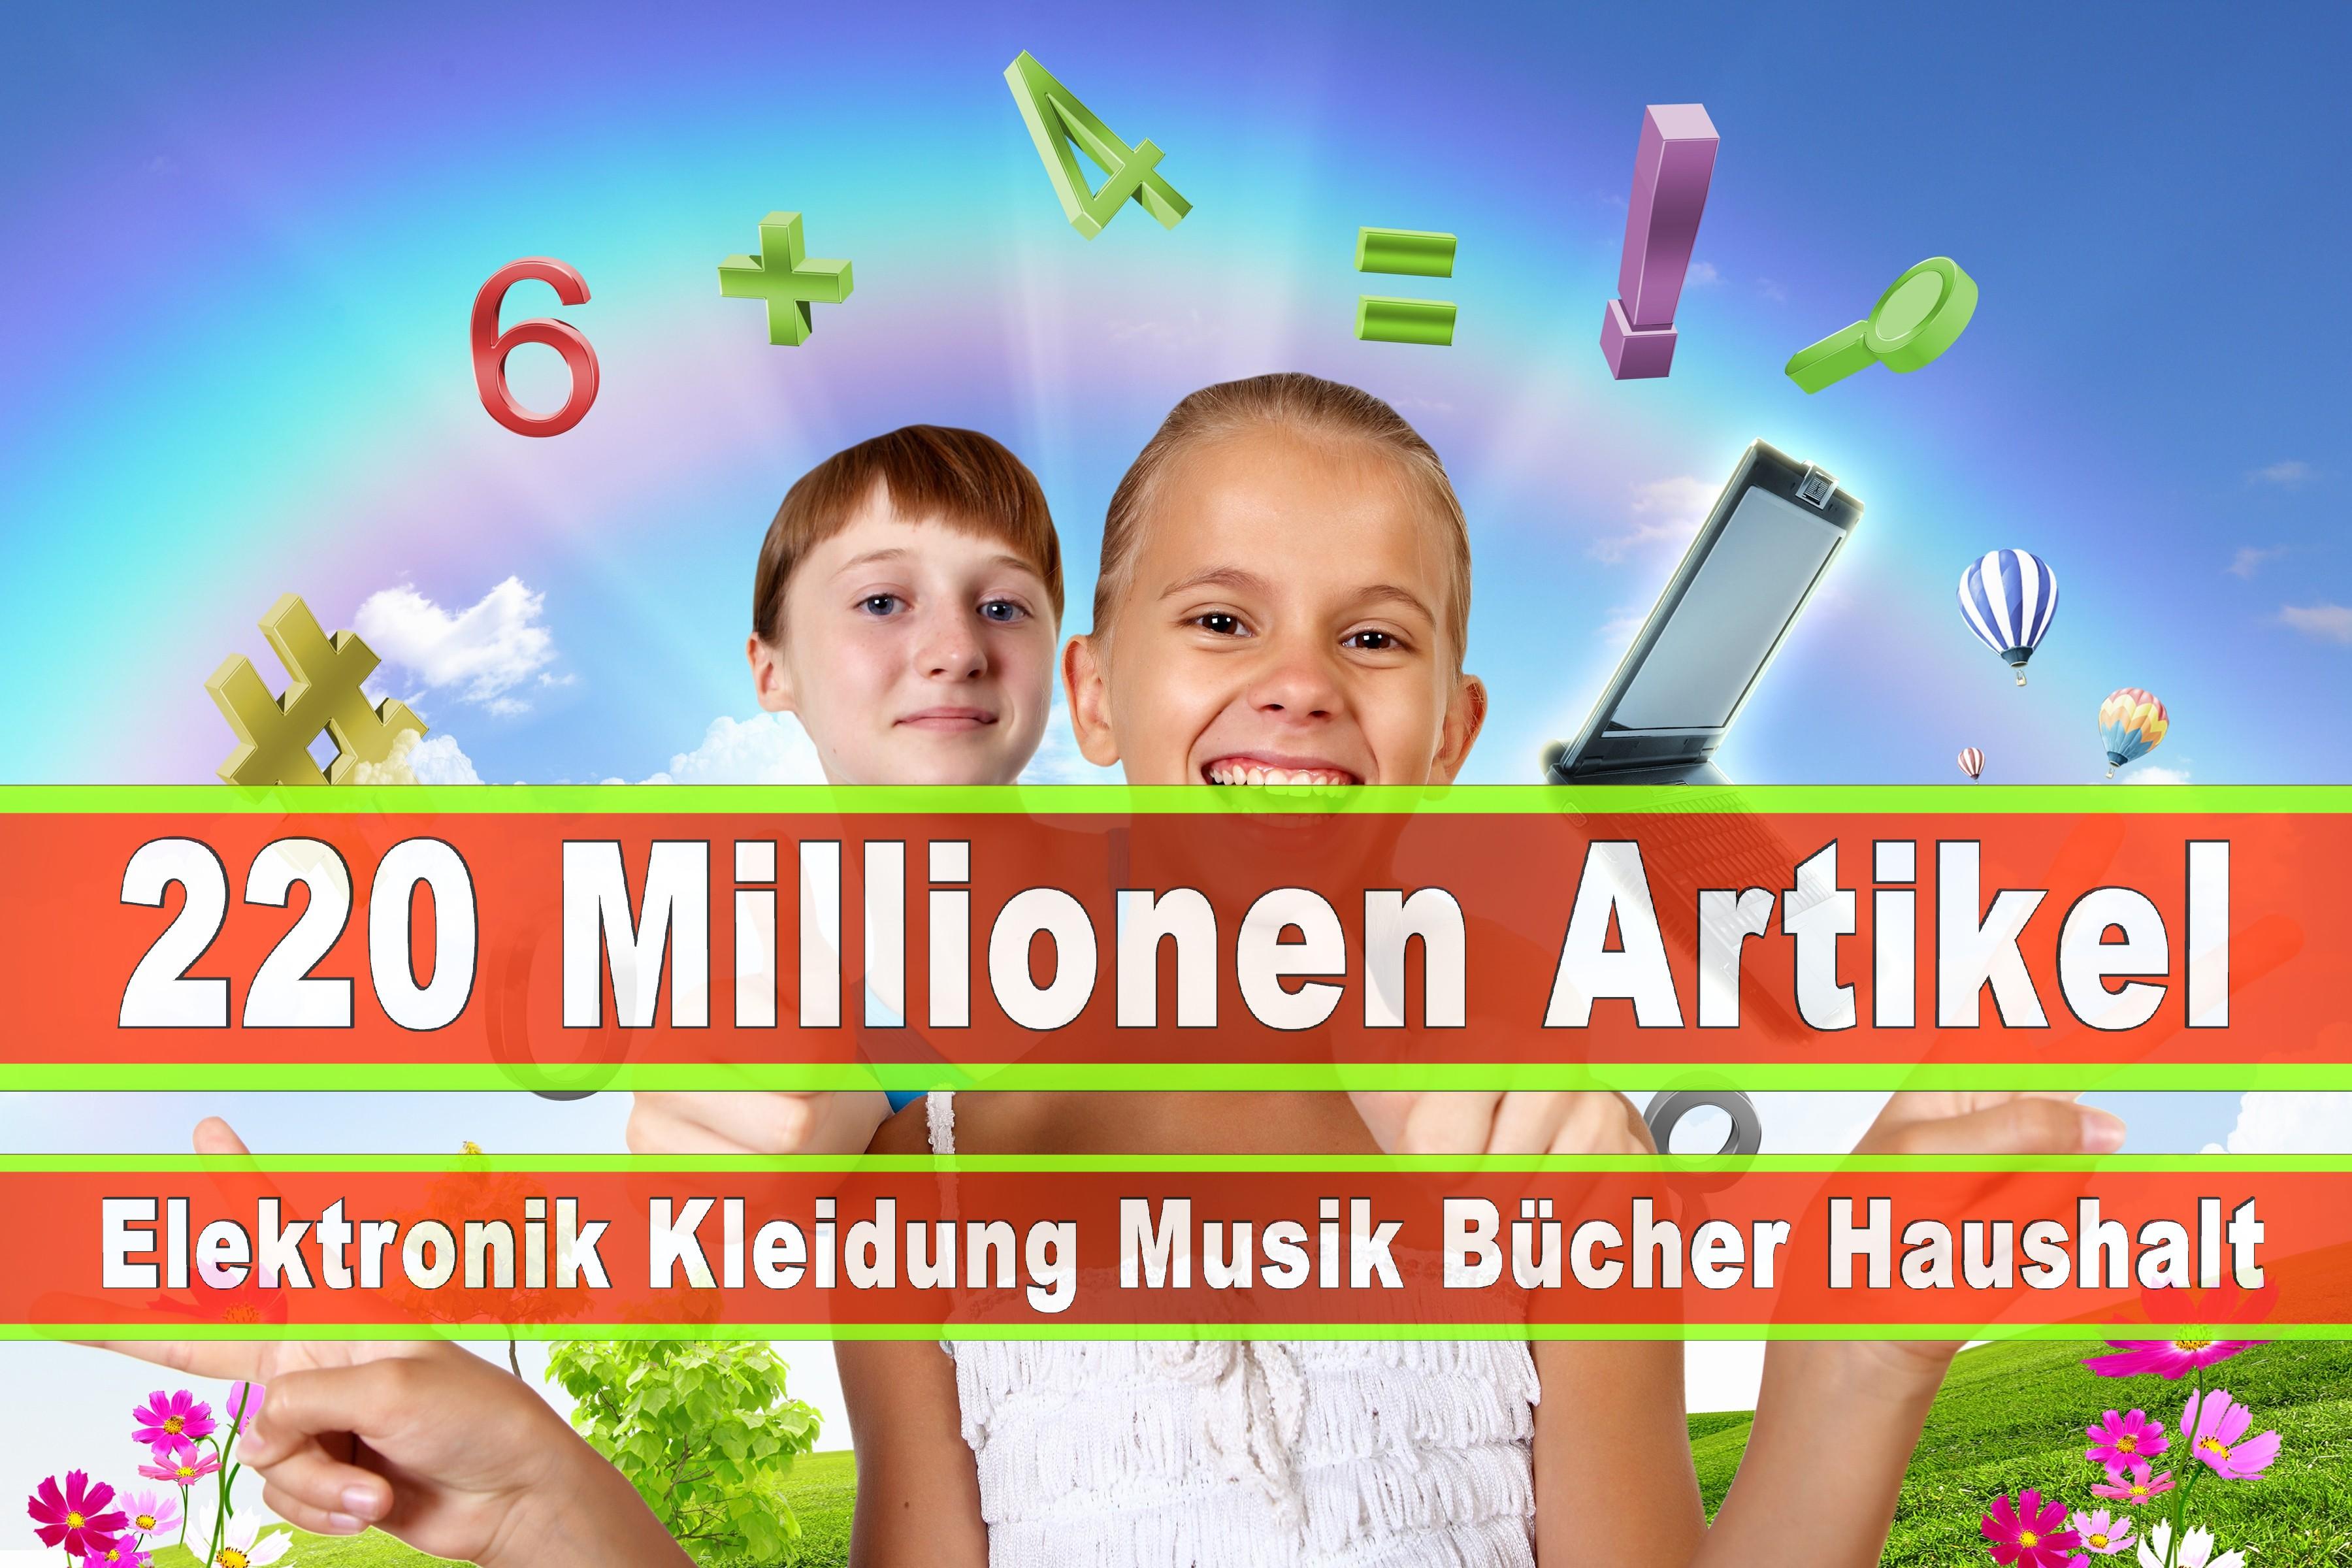 Amazon Elektronik Musik Haushalt Bücher CD DVD Handys Smartphones TV Television Fernseher Kleidung Mode Ebay Versandhaus (183)